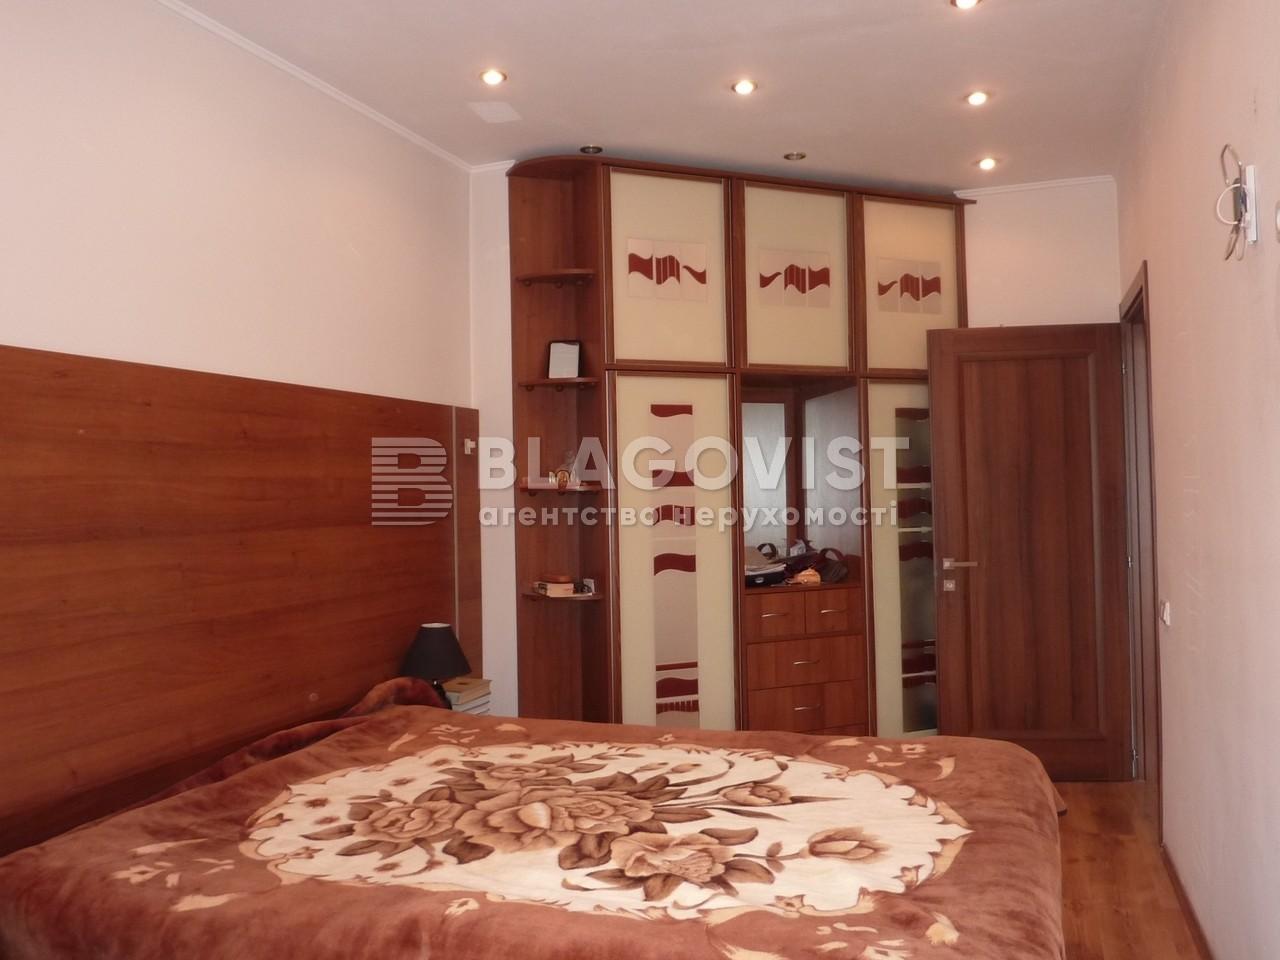 Квартира R-14602, Народного Ополчения, 7, Киев - Фото 7